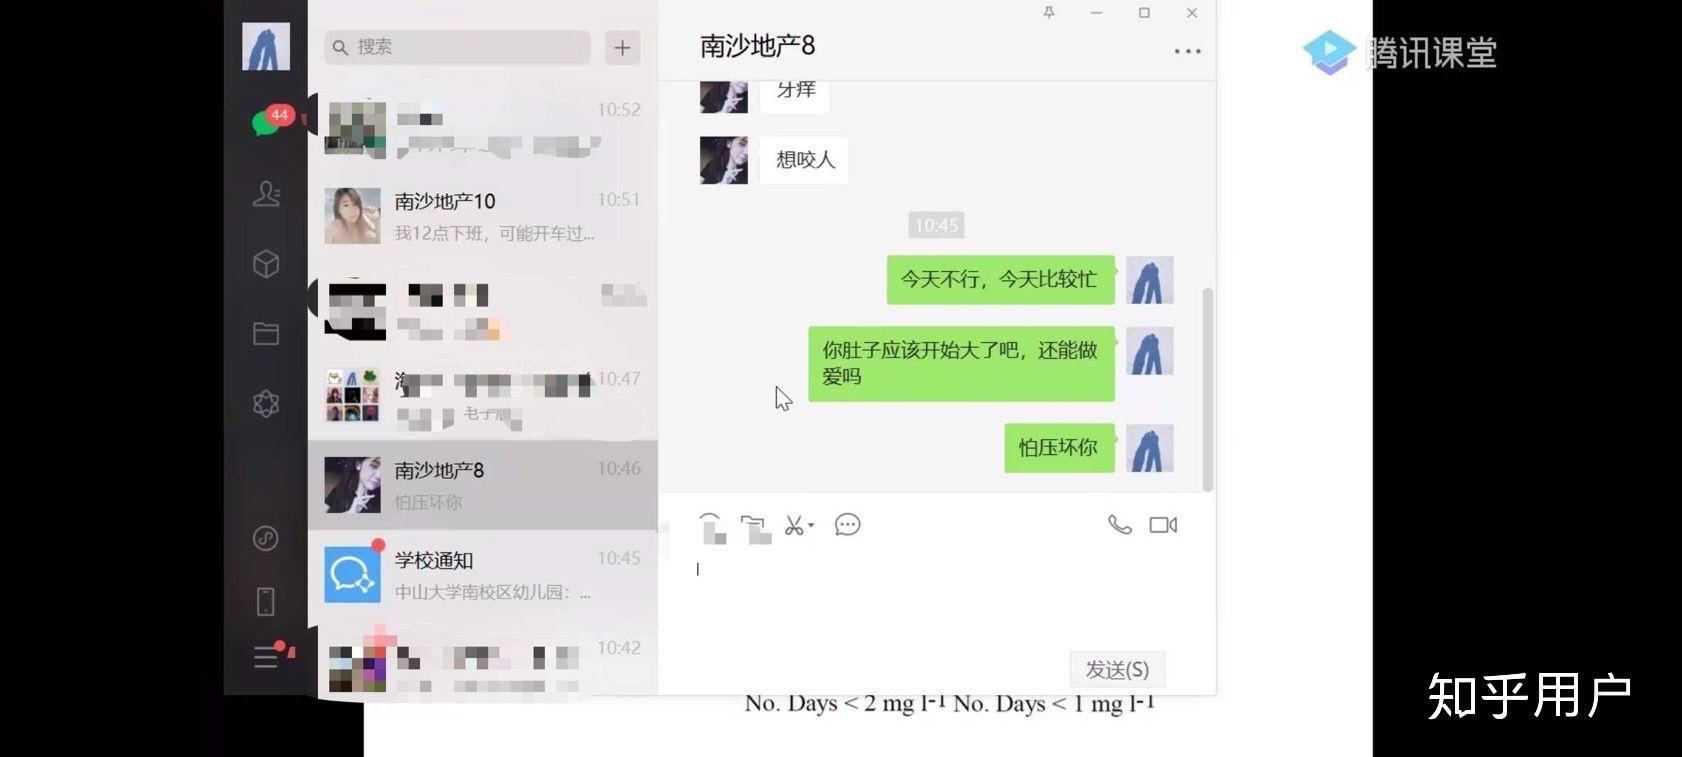 中大教授王晓玮网课出现不良内容1.png